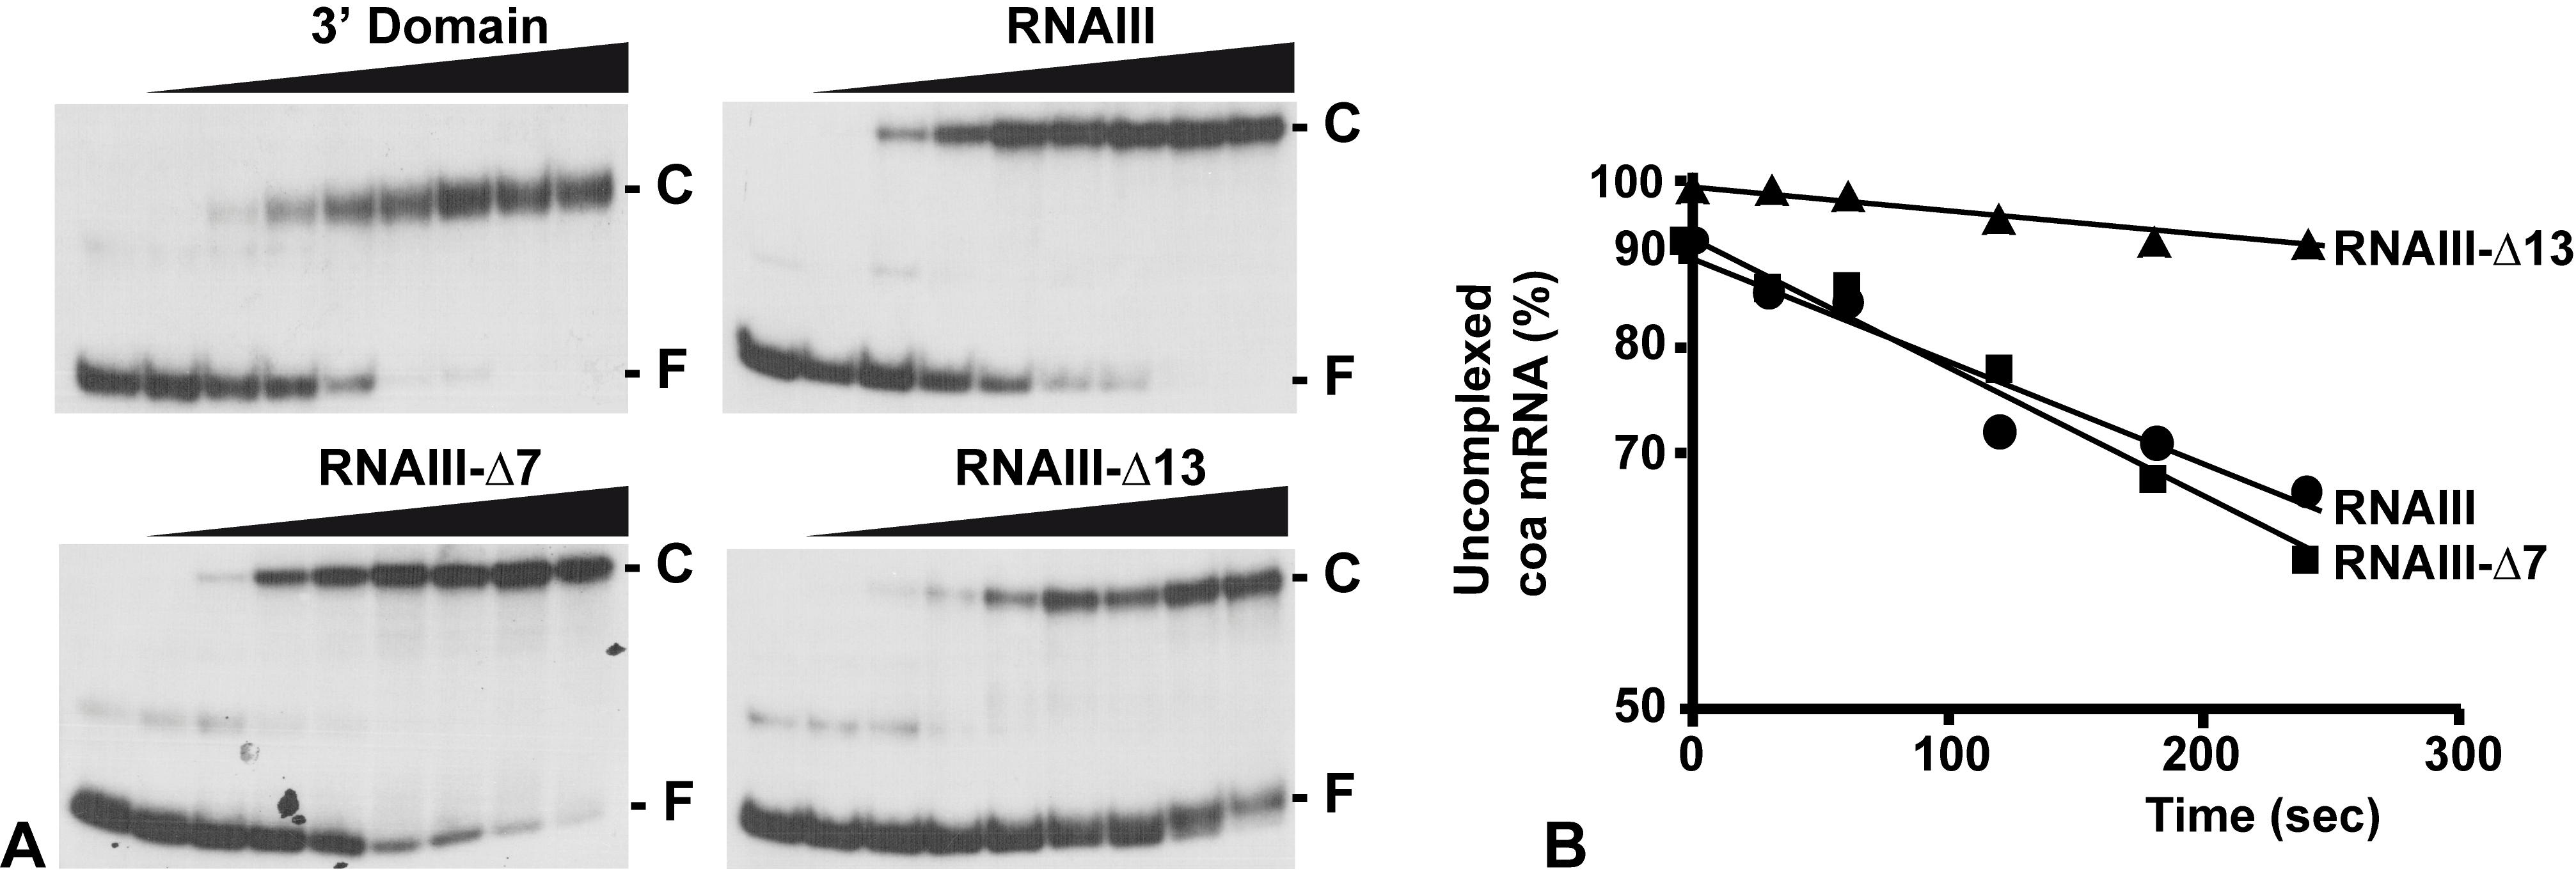 RNAIII binds efficiently to <i>coa</i> mRNA <i>in vitro</i>.